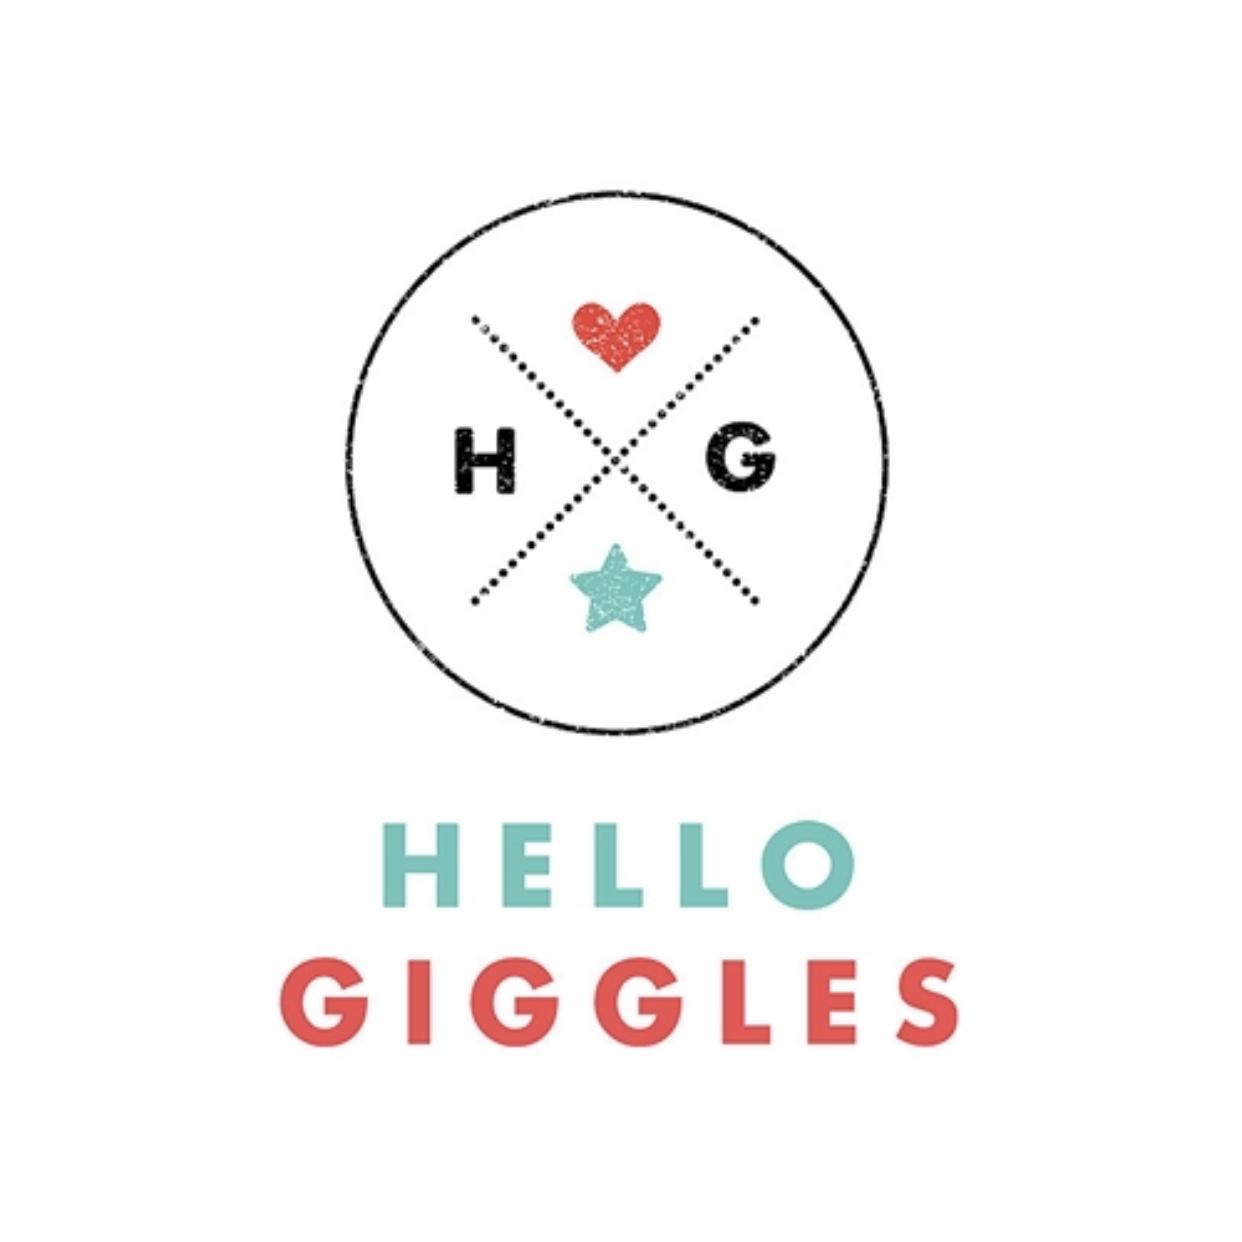 Hello-Giggles-Logo.jpg